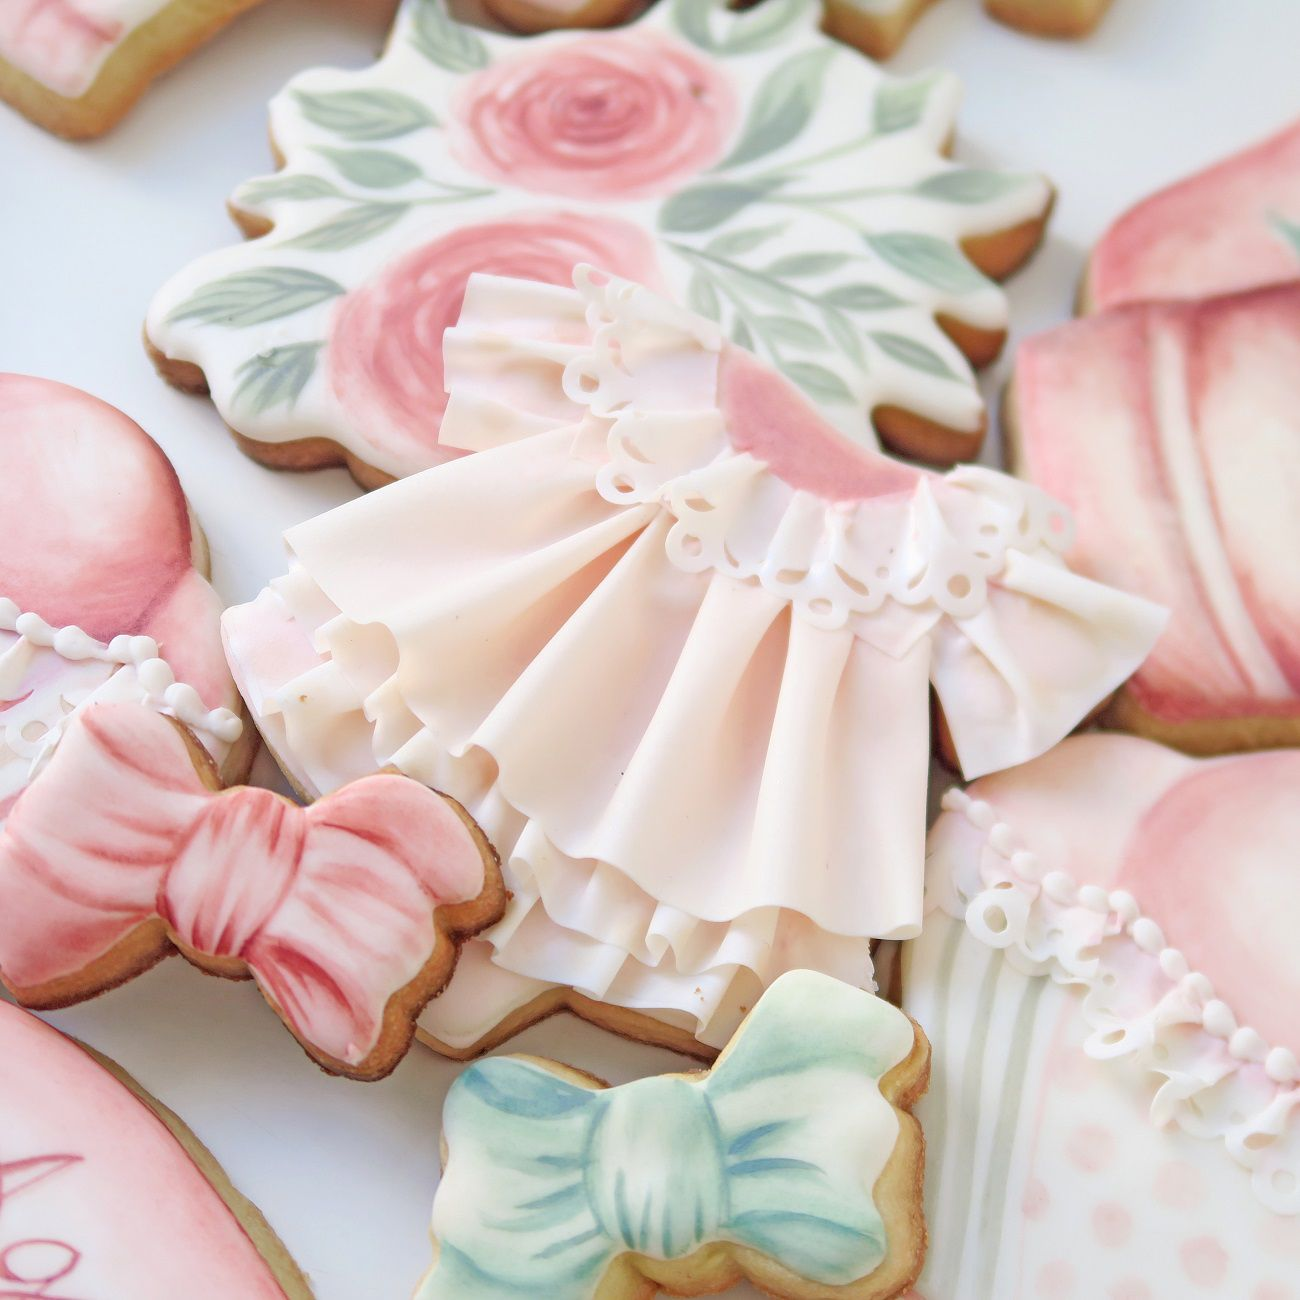 Curso Biscoitos Decorados: Chá de Bebê Pastel Seco Iniciante